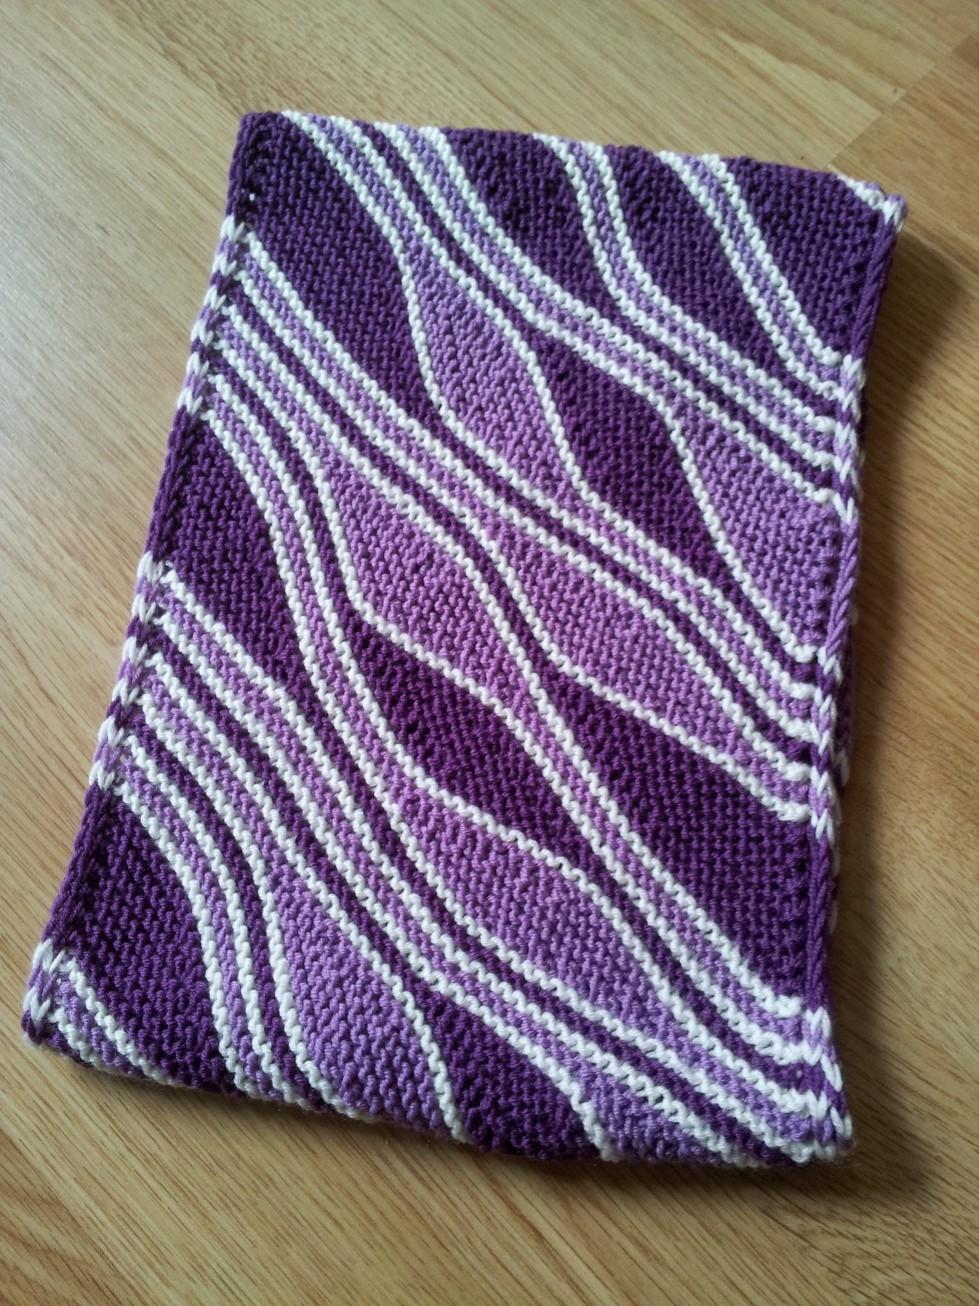 Mixed Waves Cowl Short Row Knitting Pattern